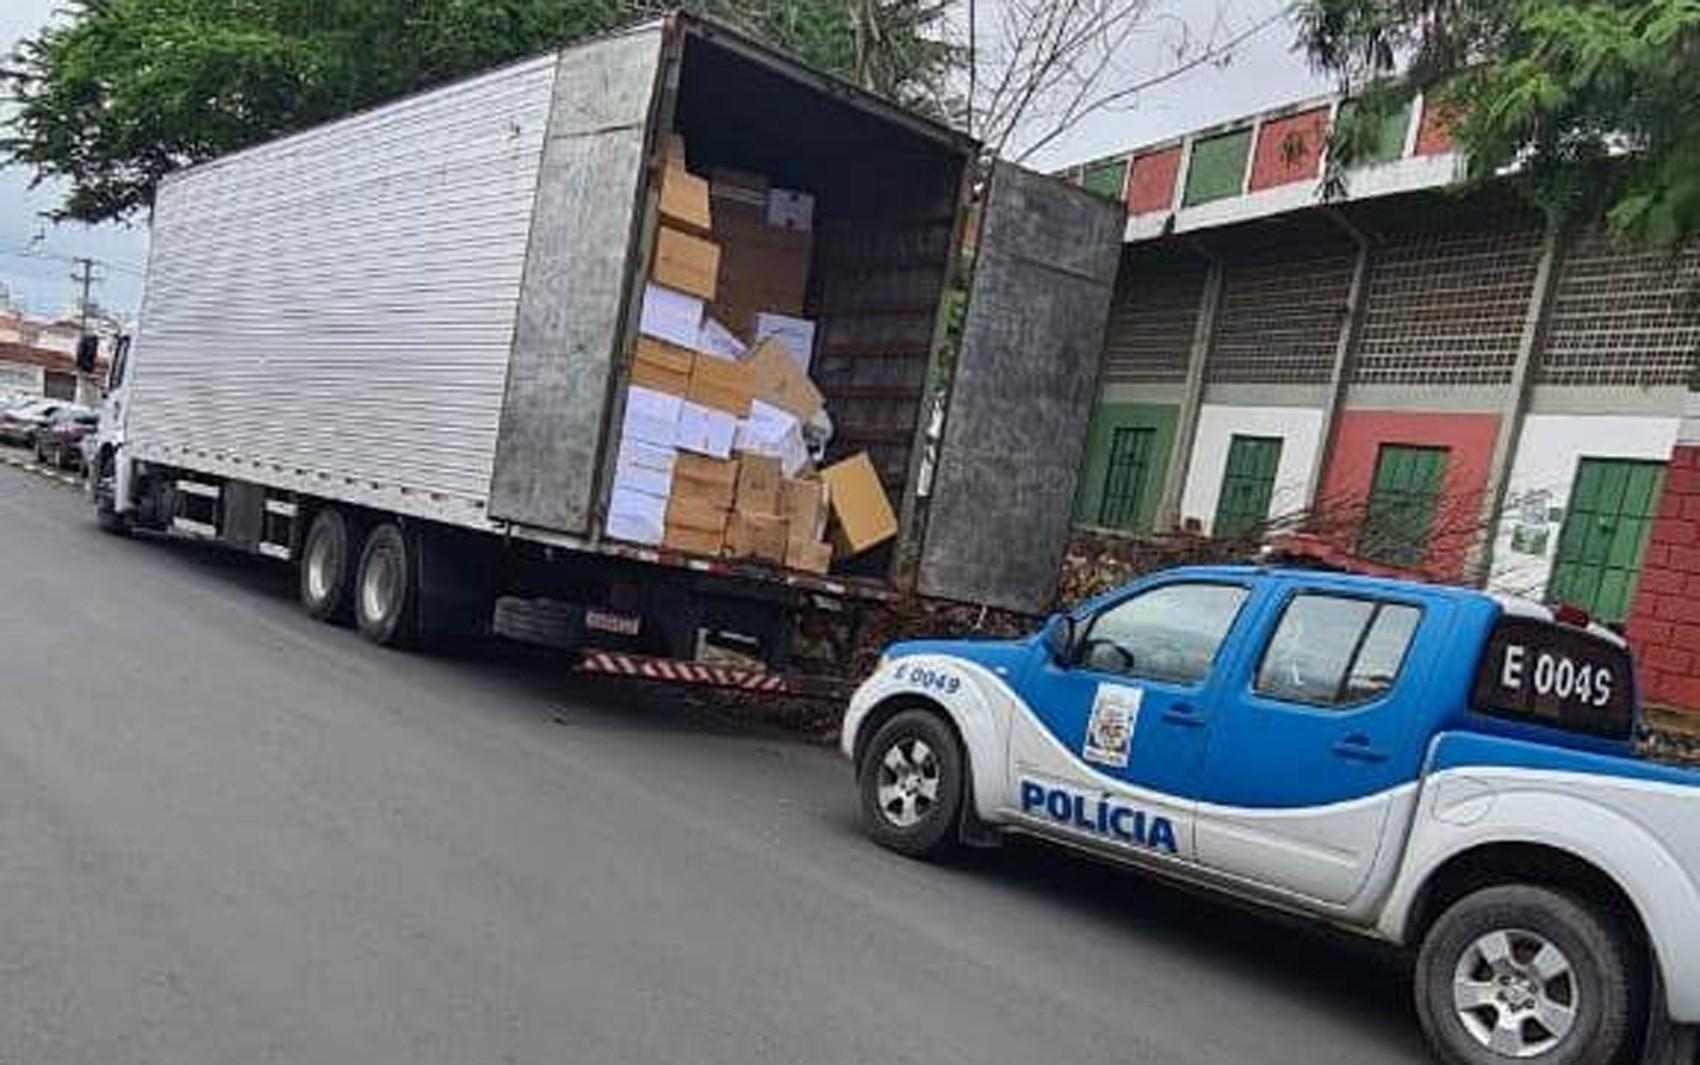 Mais de 10 mil bolsas e pares de calçados falsificados são apreendidos em caminhão no interior da Bahia